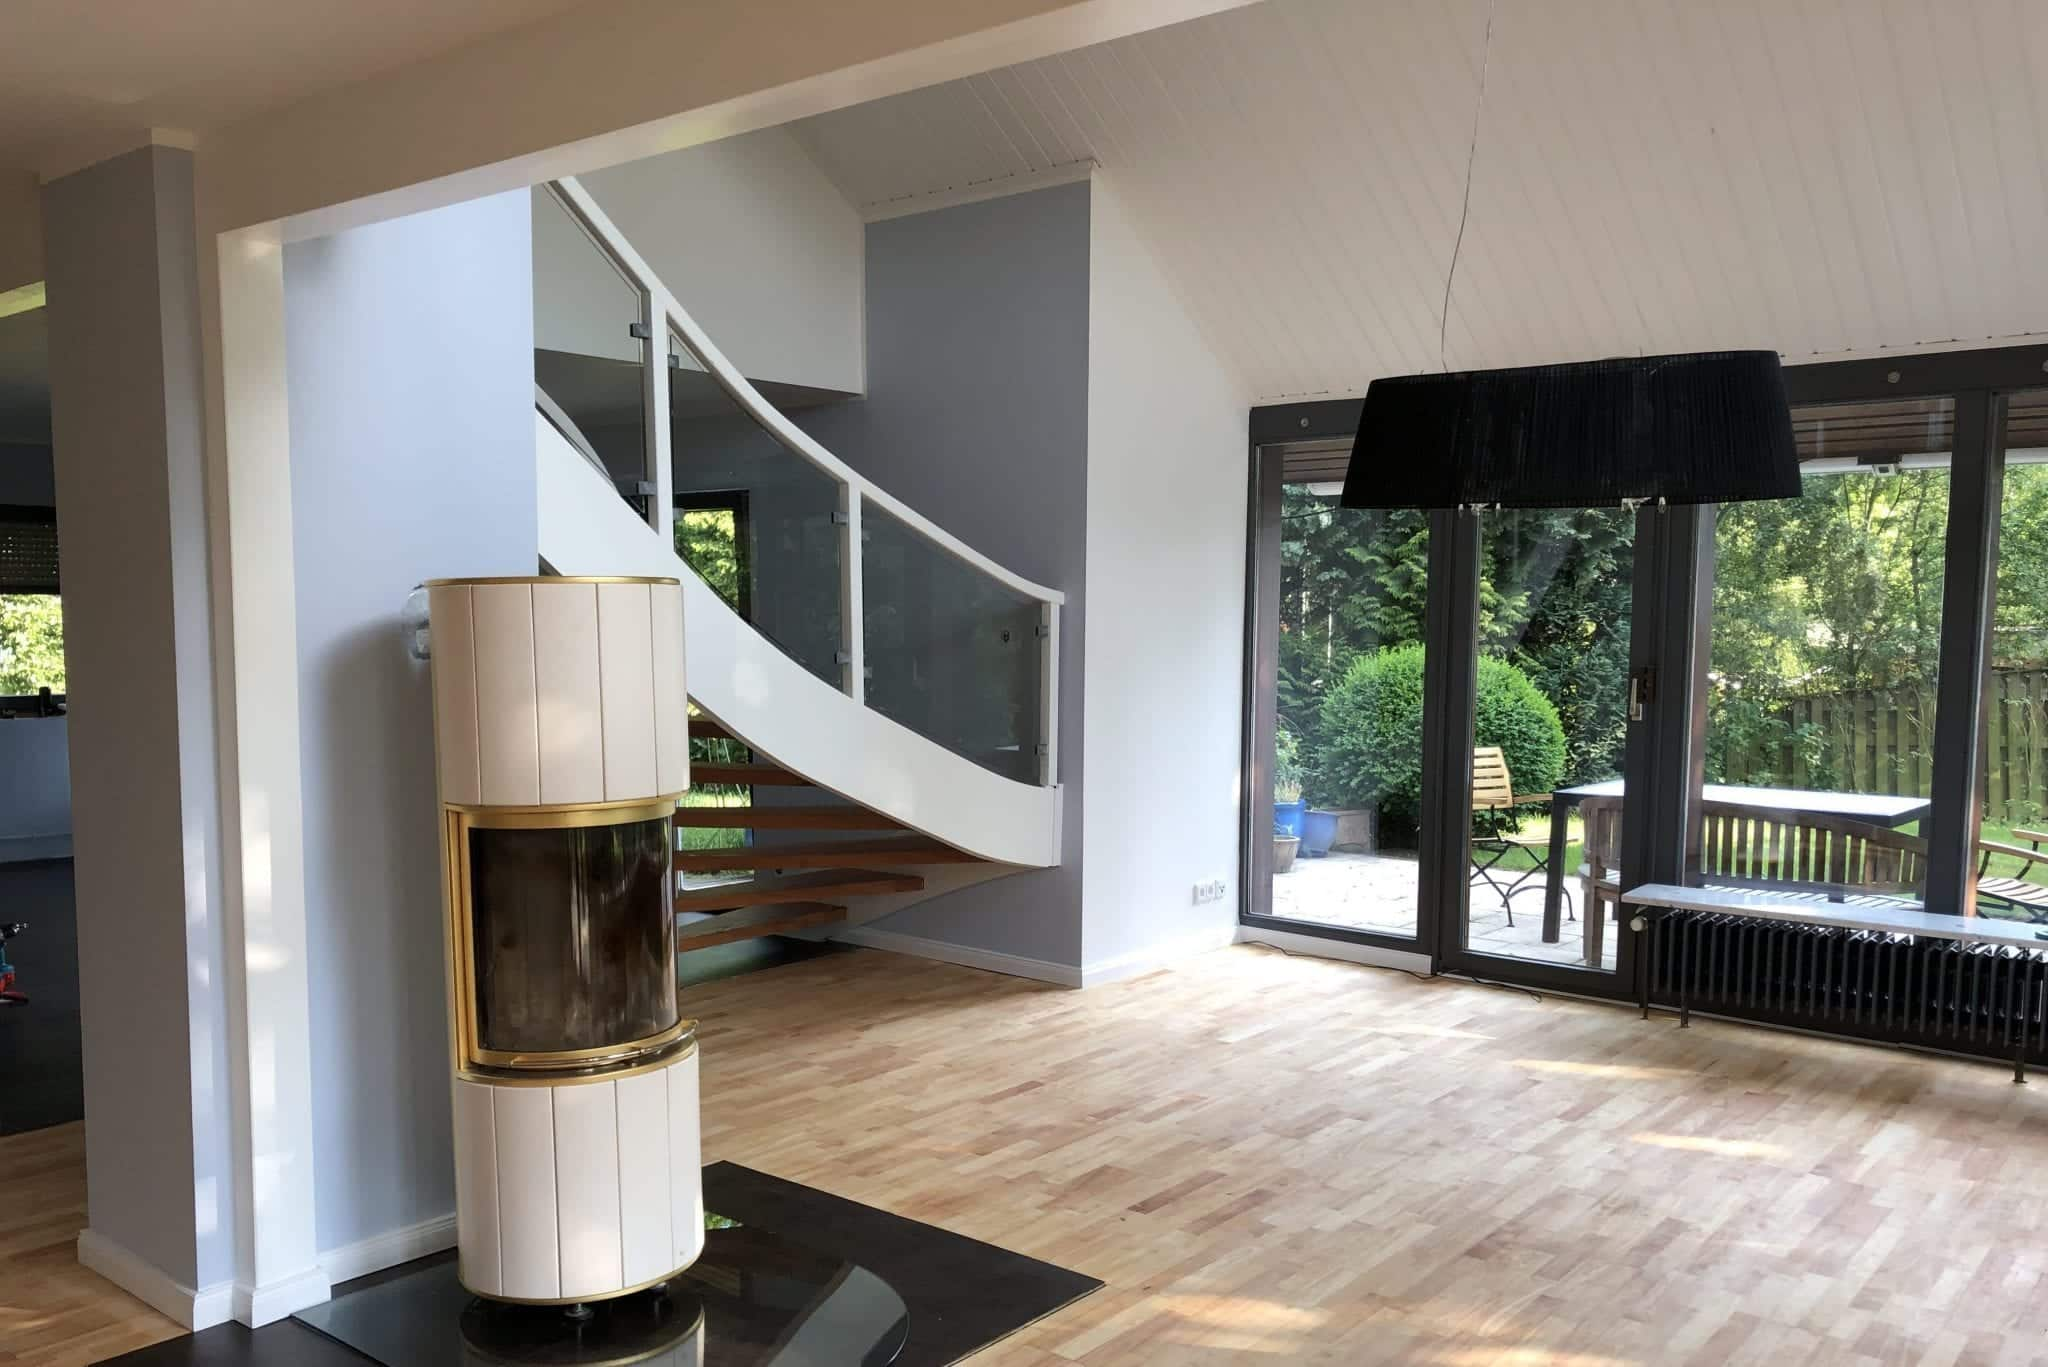 Sie Möchten Ihr Haus, Wohnung, Oder Ihr Zimmer Renovieren?